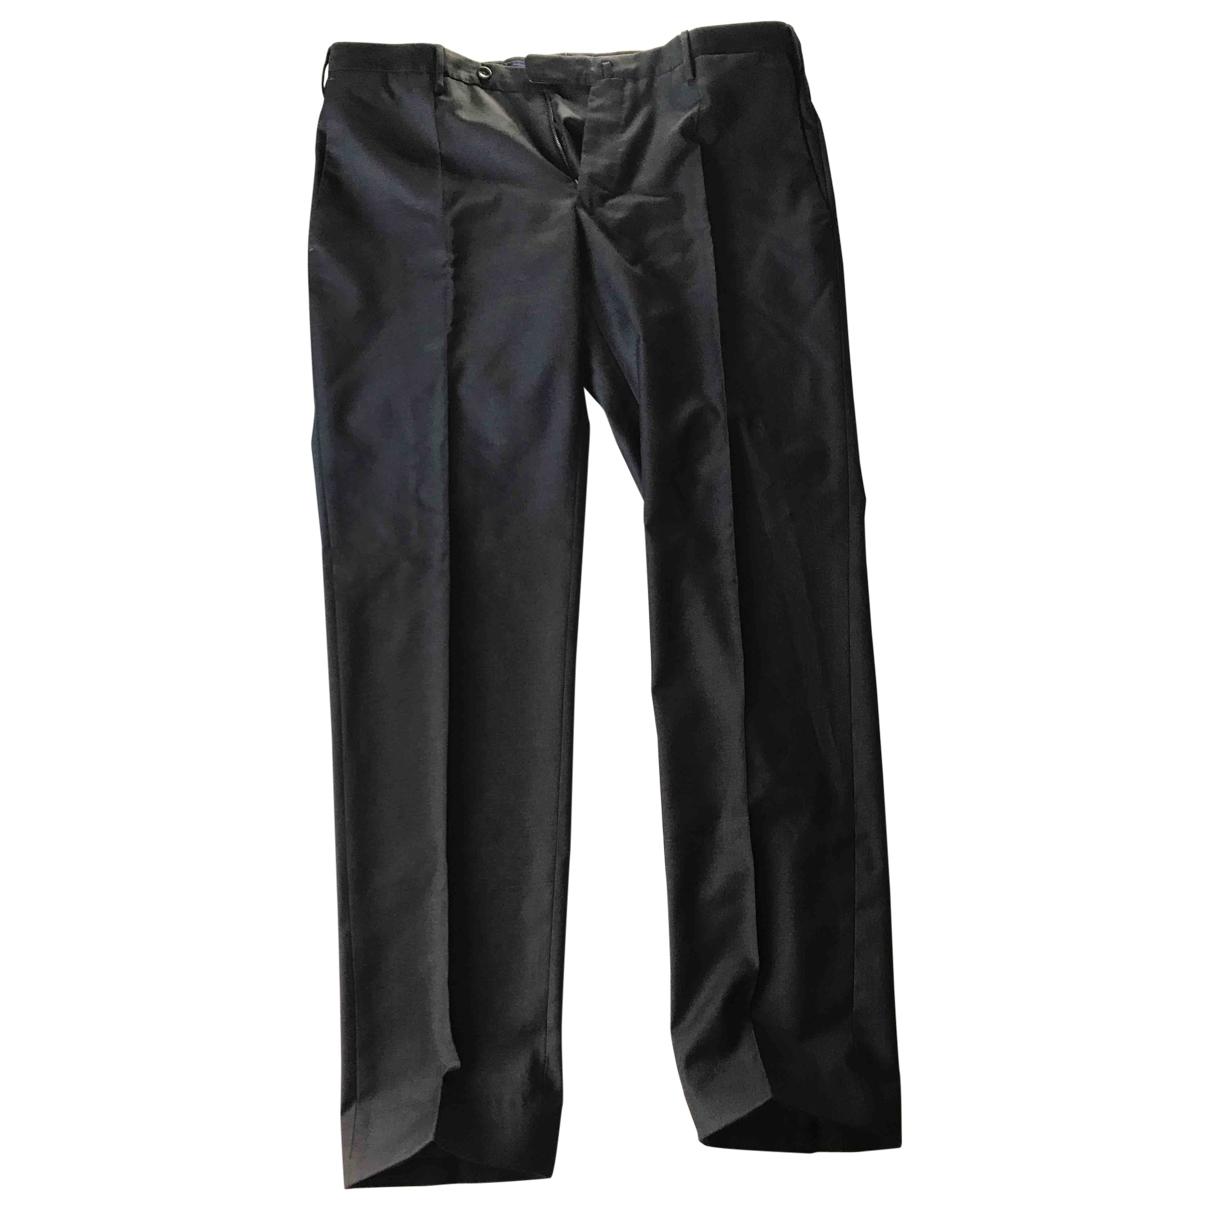 Pantalon de Lana Incotex